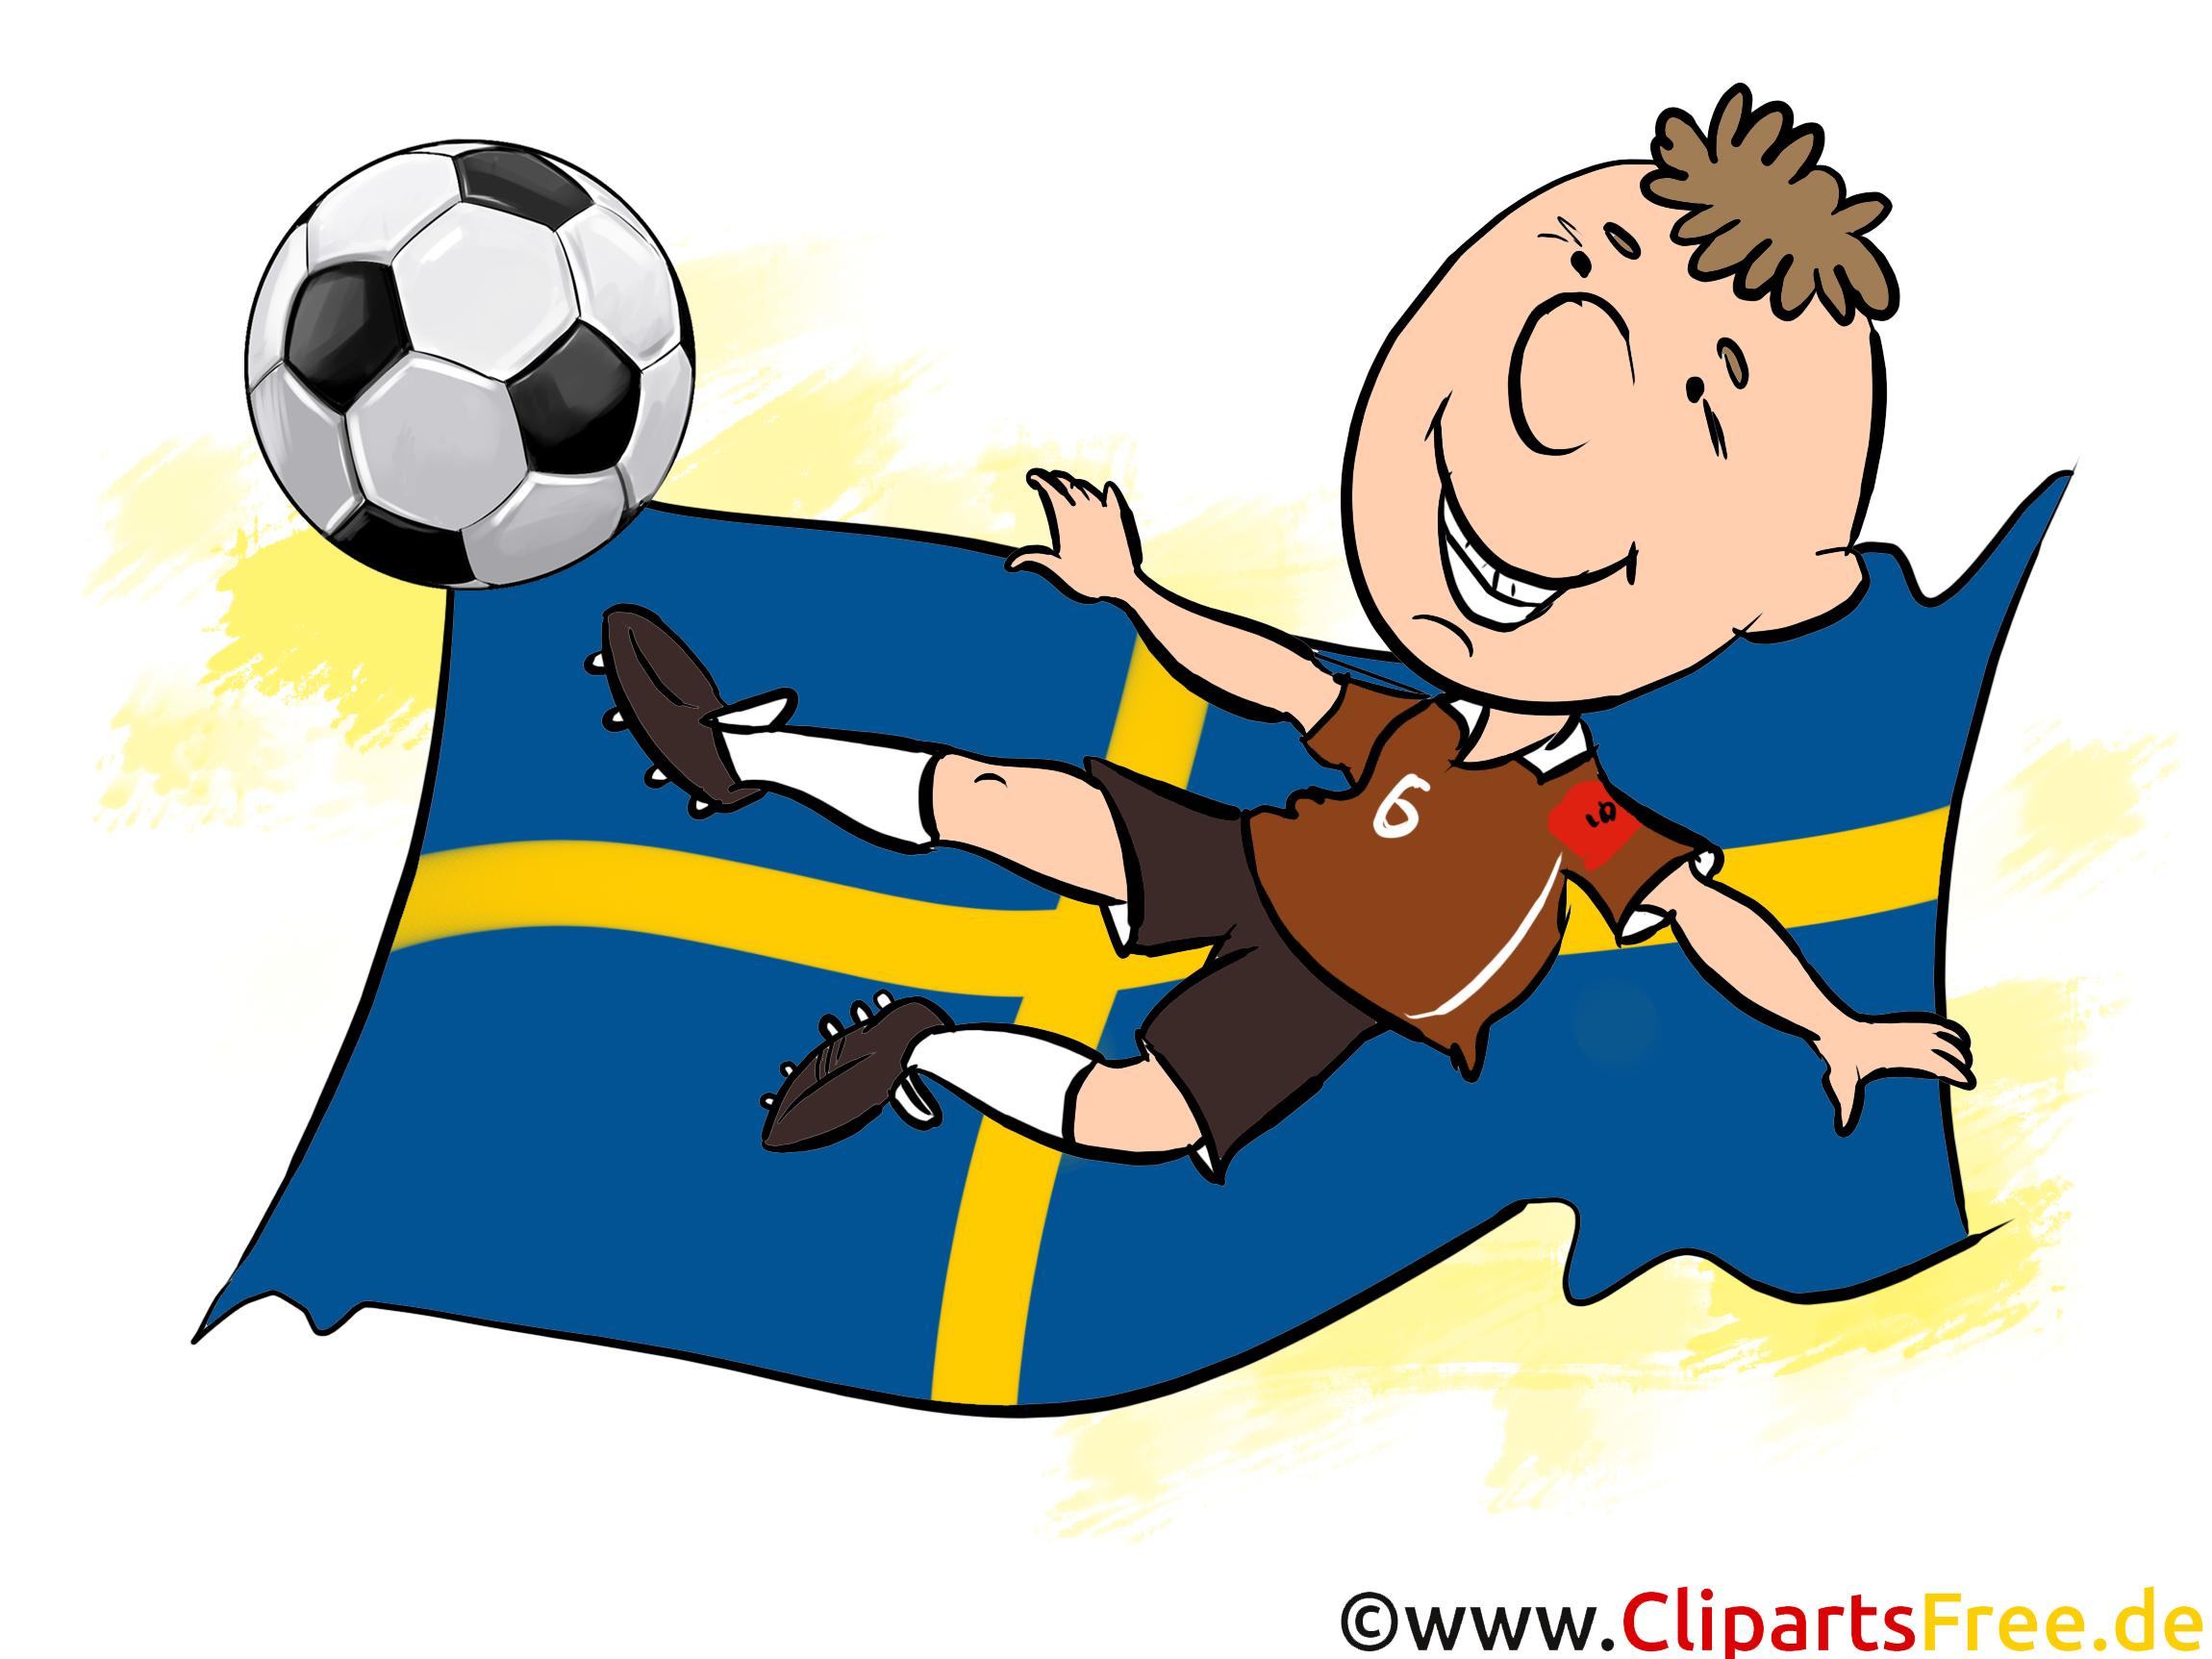 Drapeau Suède Ballon Football gratuit pour télécharger